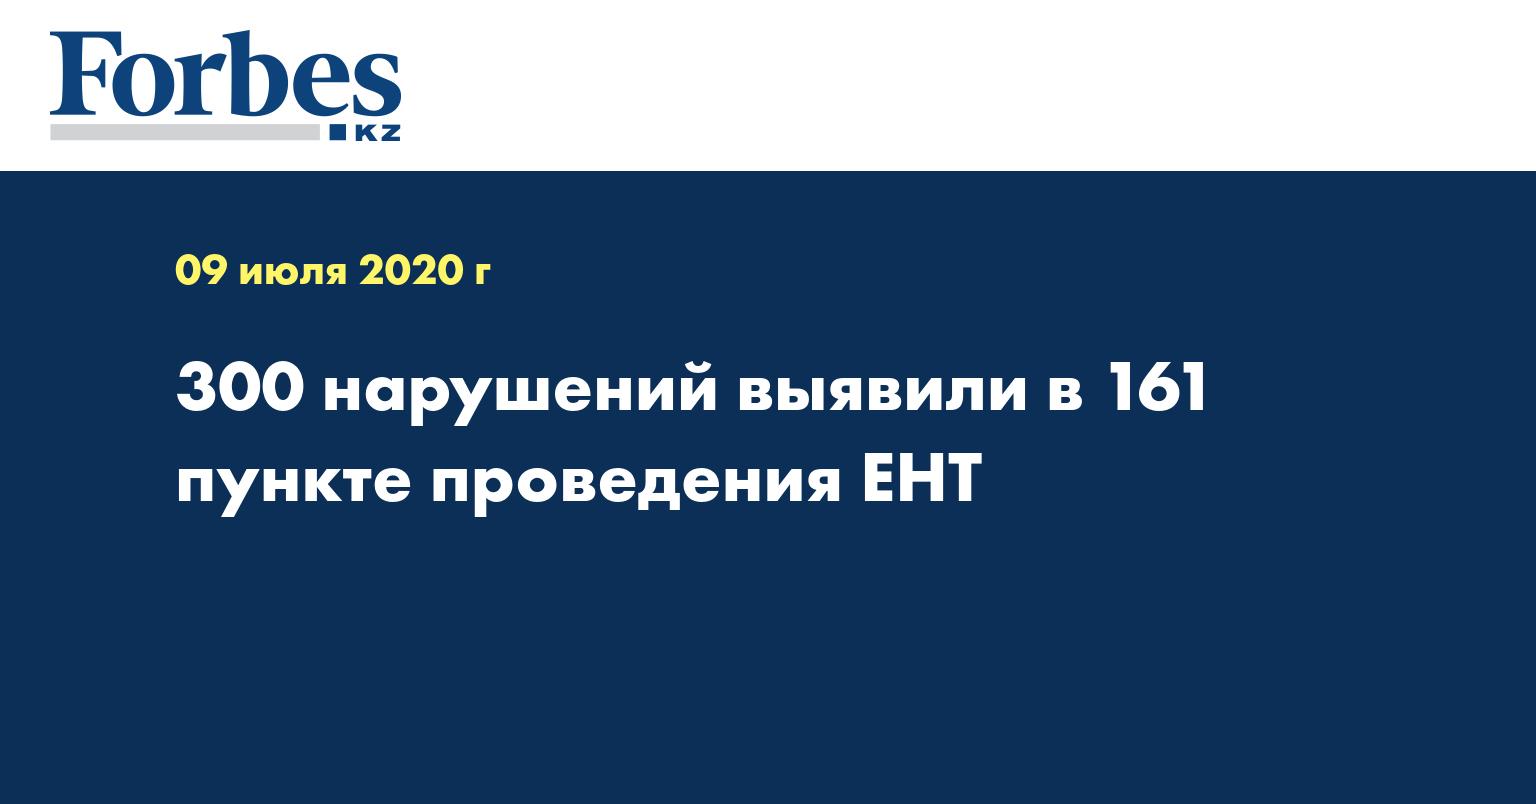 300 нарушений выявили в 161 пункте проведения ЕНТ